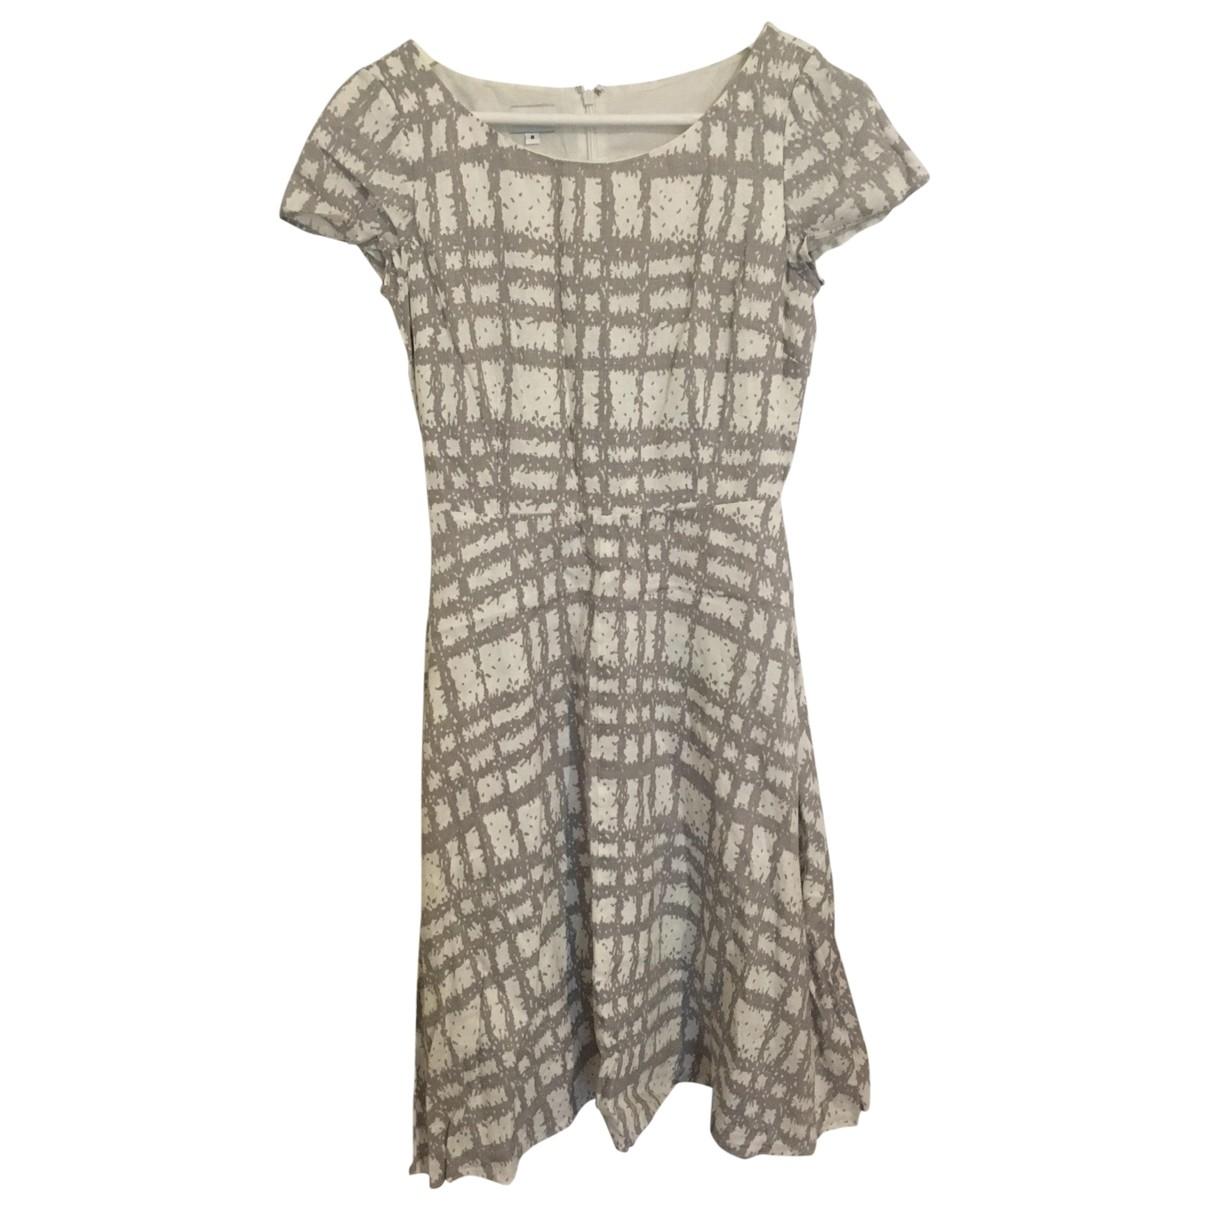 Hobbs \N Kleid in  Bunt Baumwolle